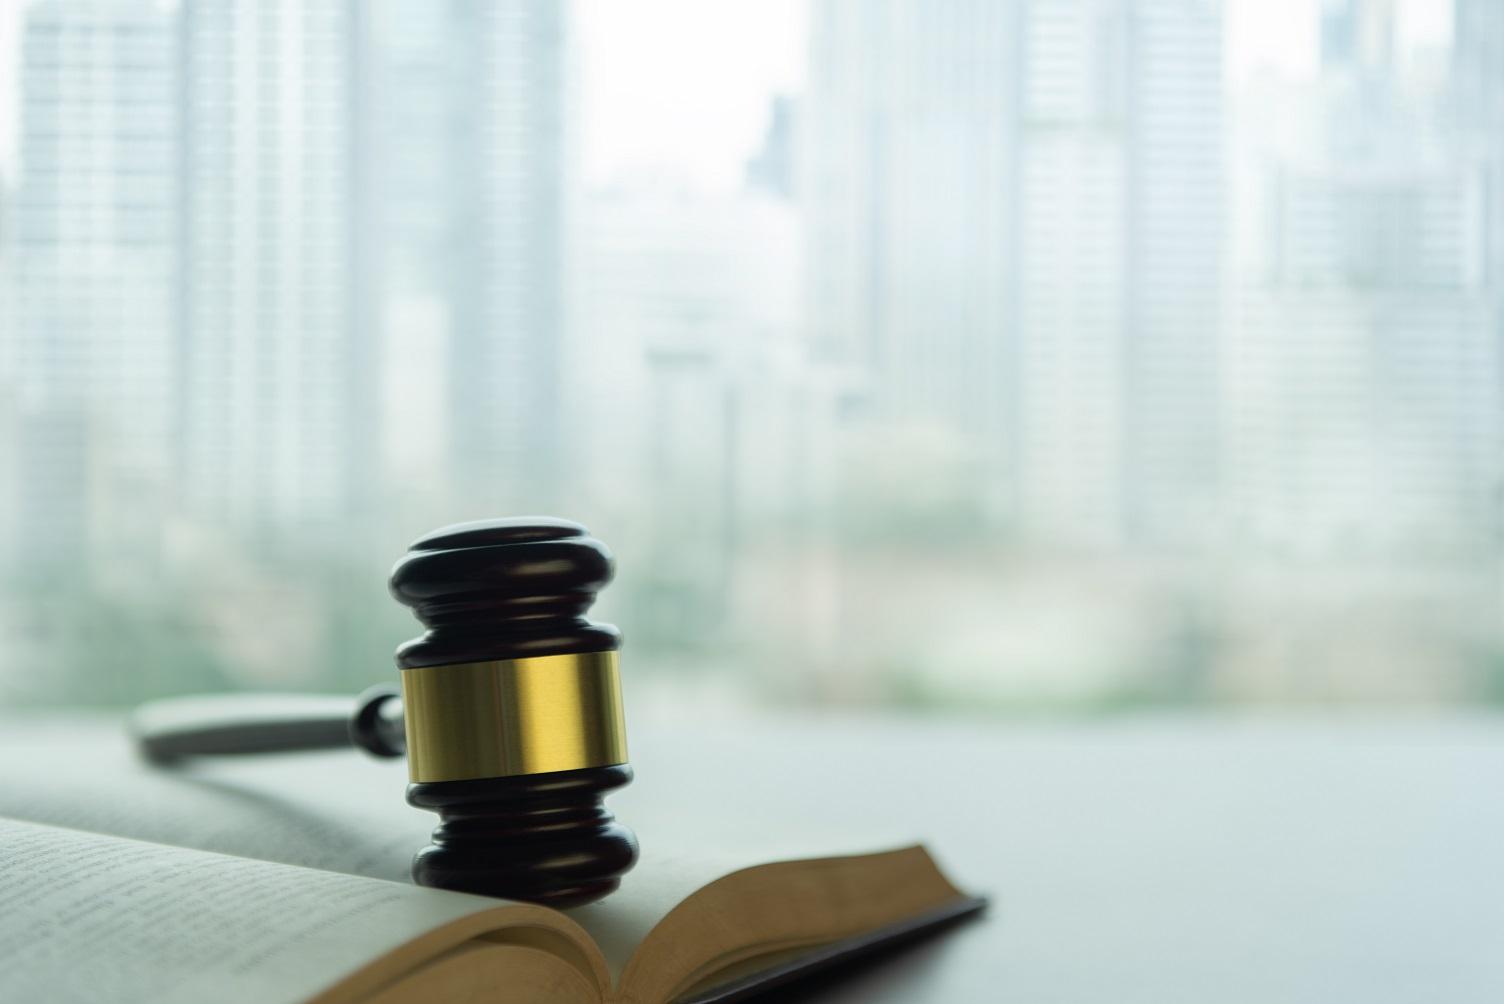 «Contournement des honoraires de l'agent immobilier et indemnisation», Caroline Tomasi-Serre, avocate au Barreau de Paris